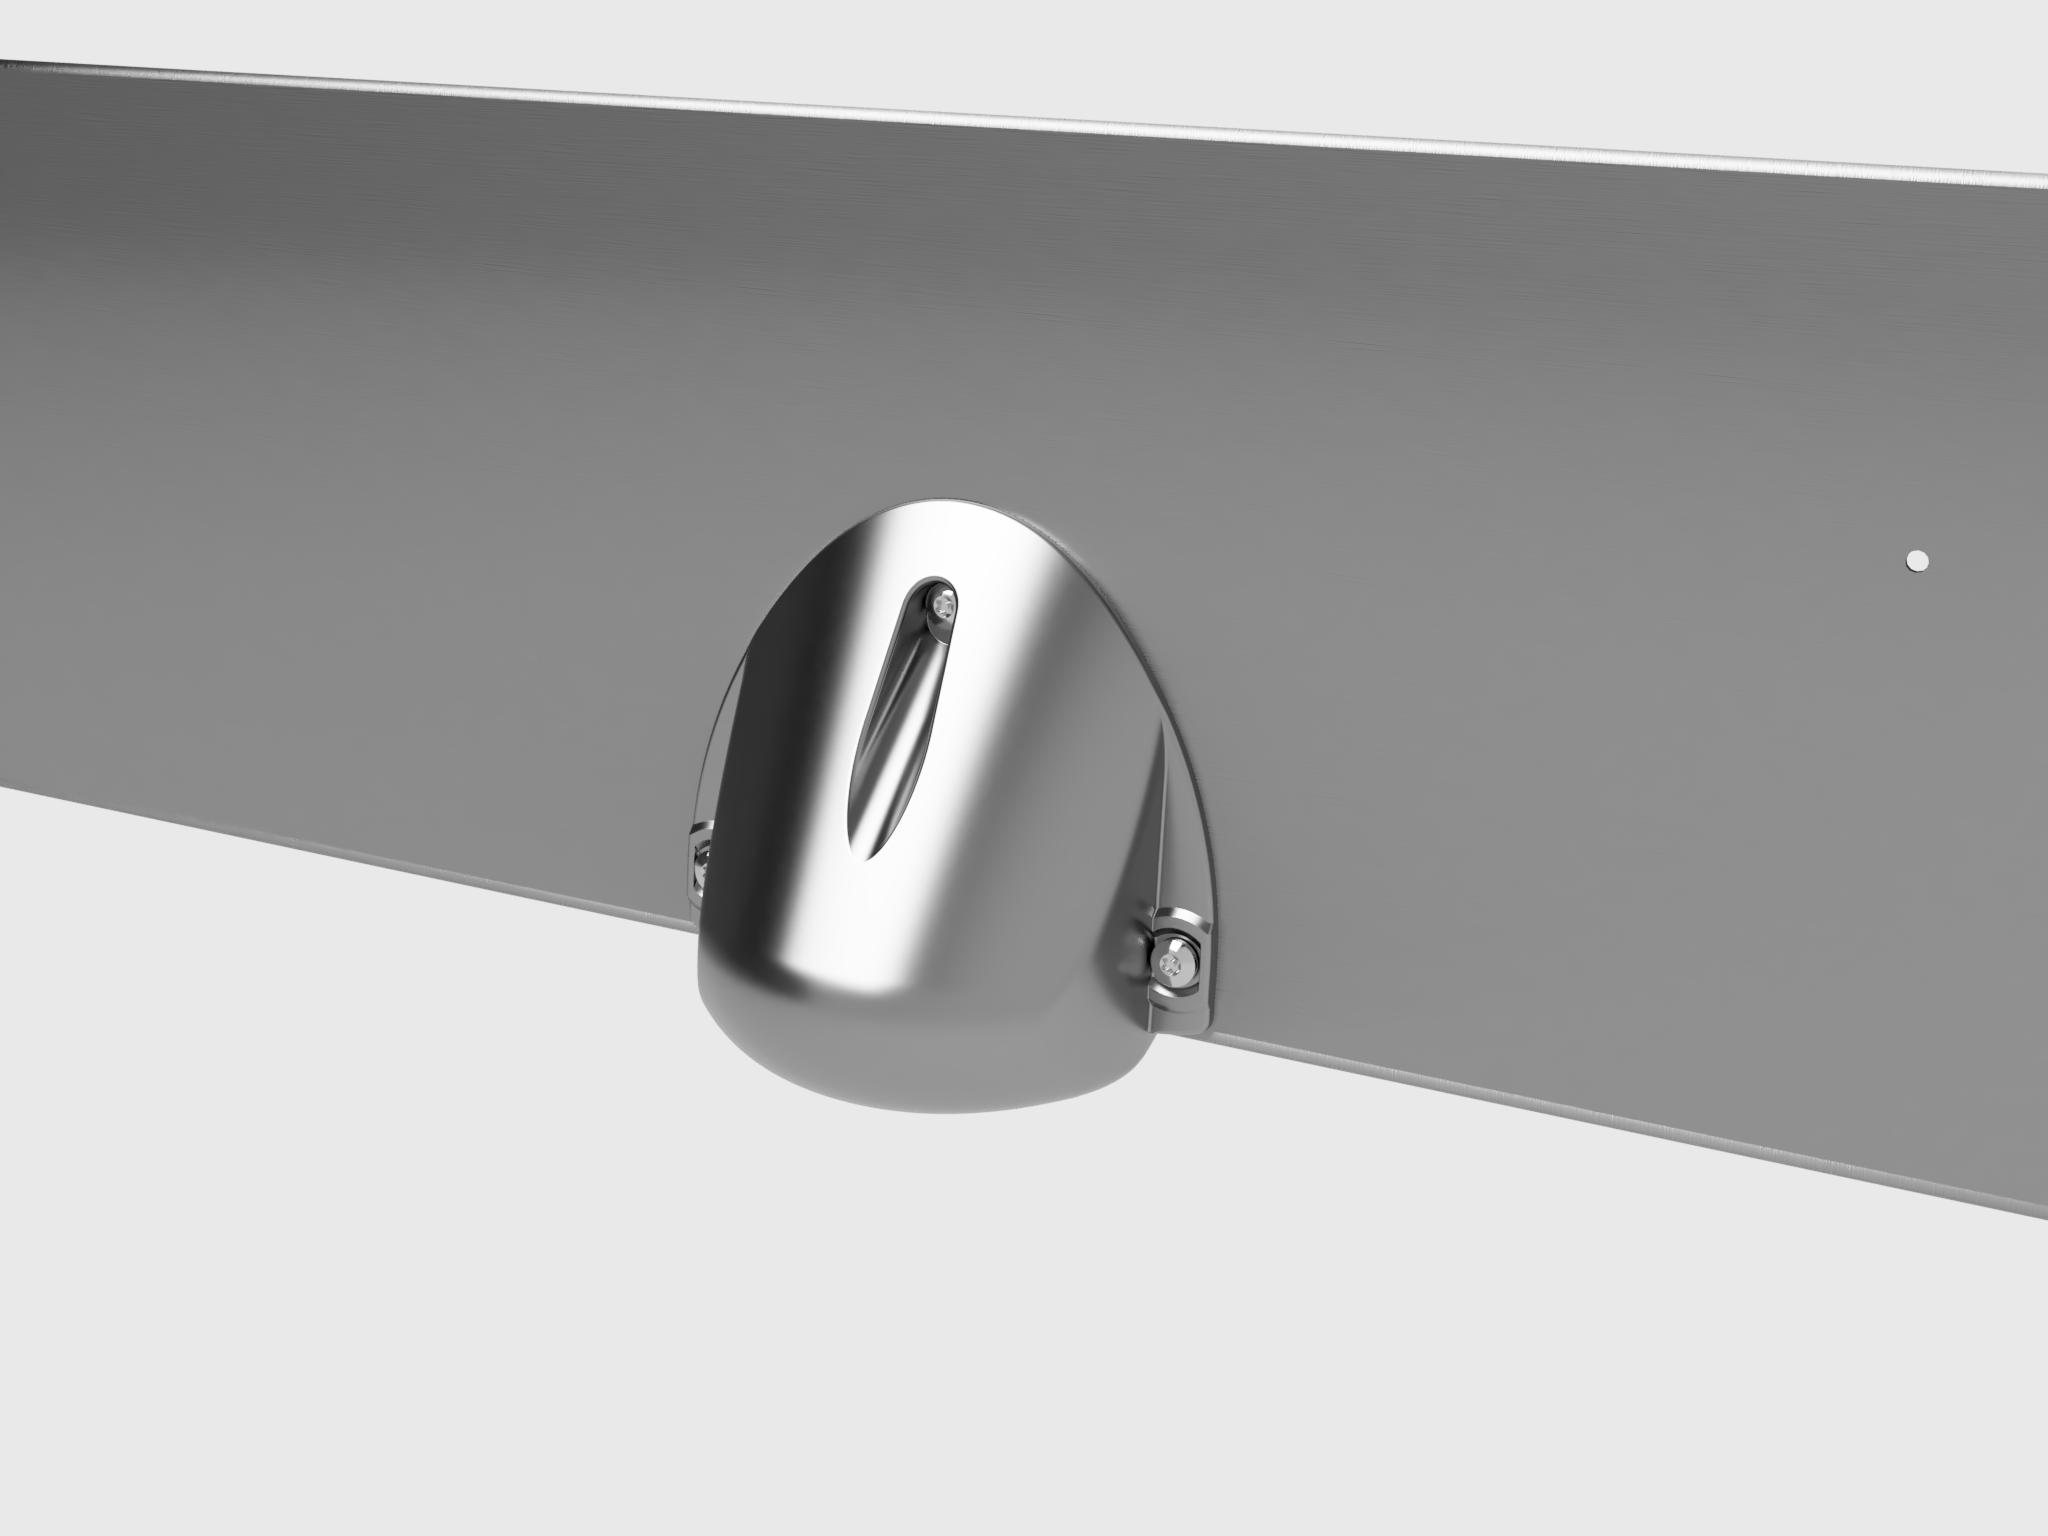 基于《北美电梯安全规范》详解摄像头和红外TOF 3D视觉系统